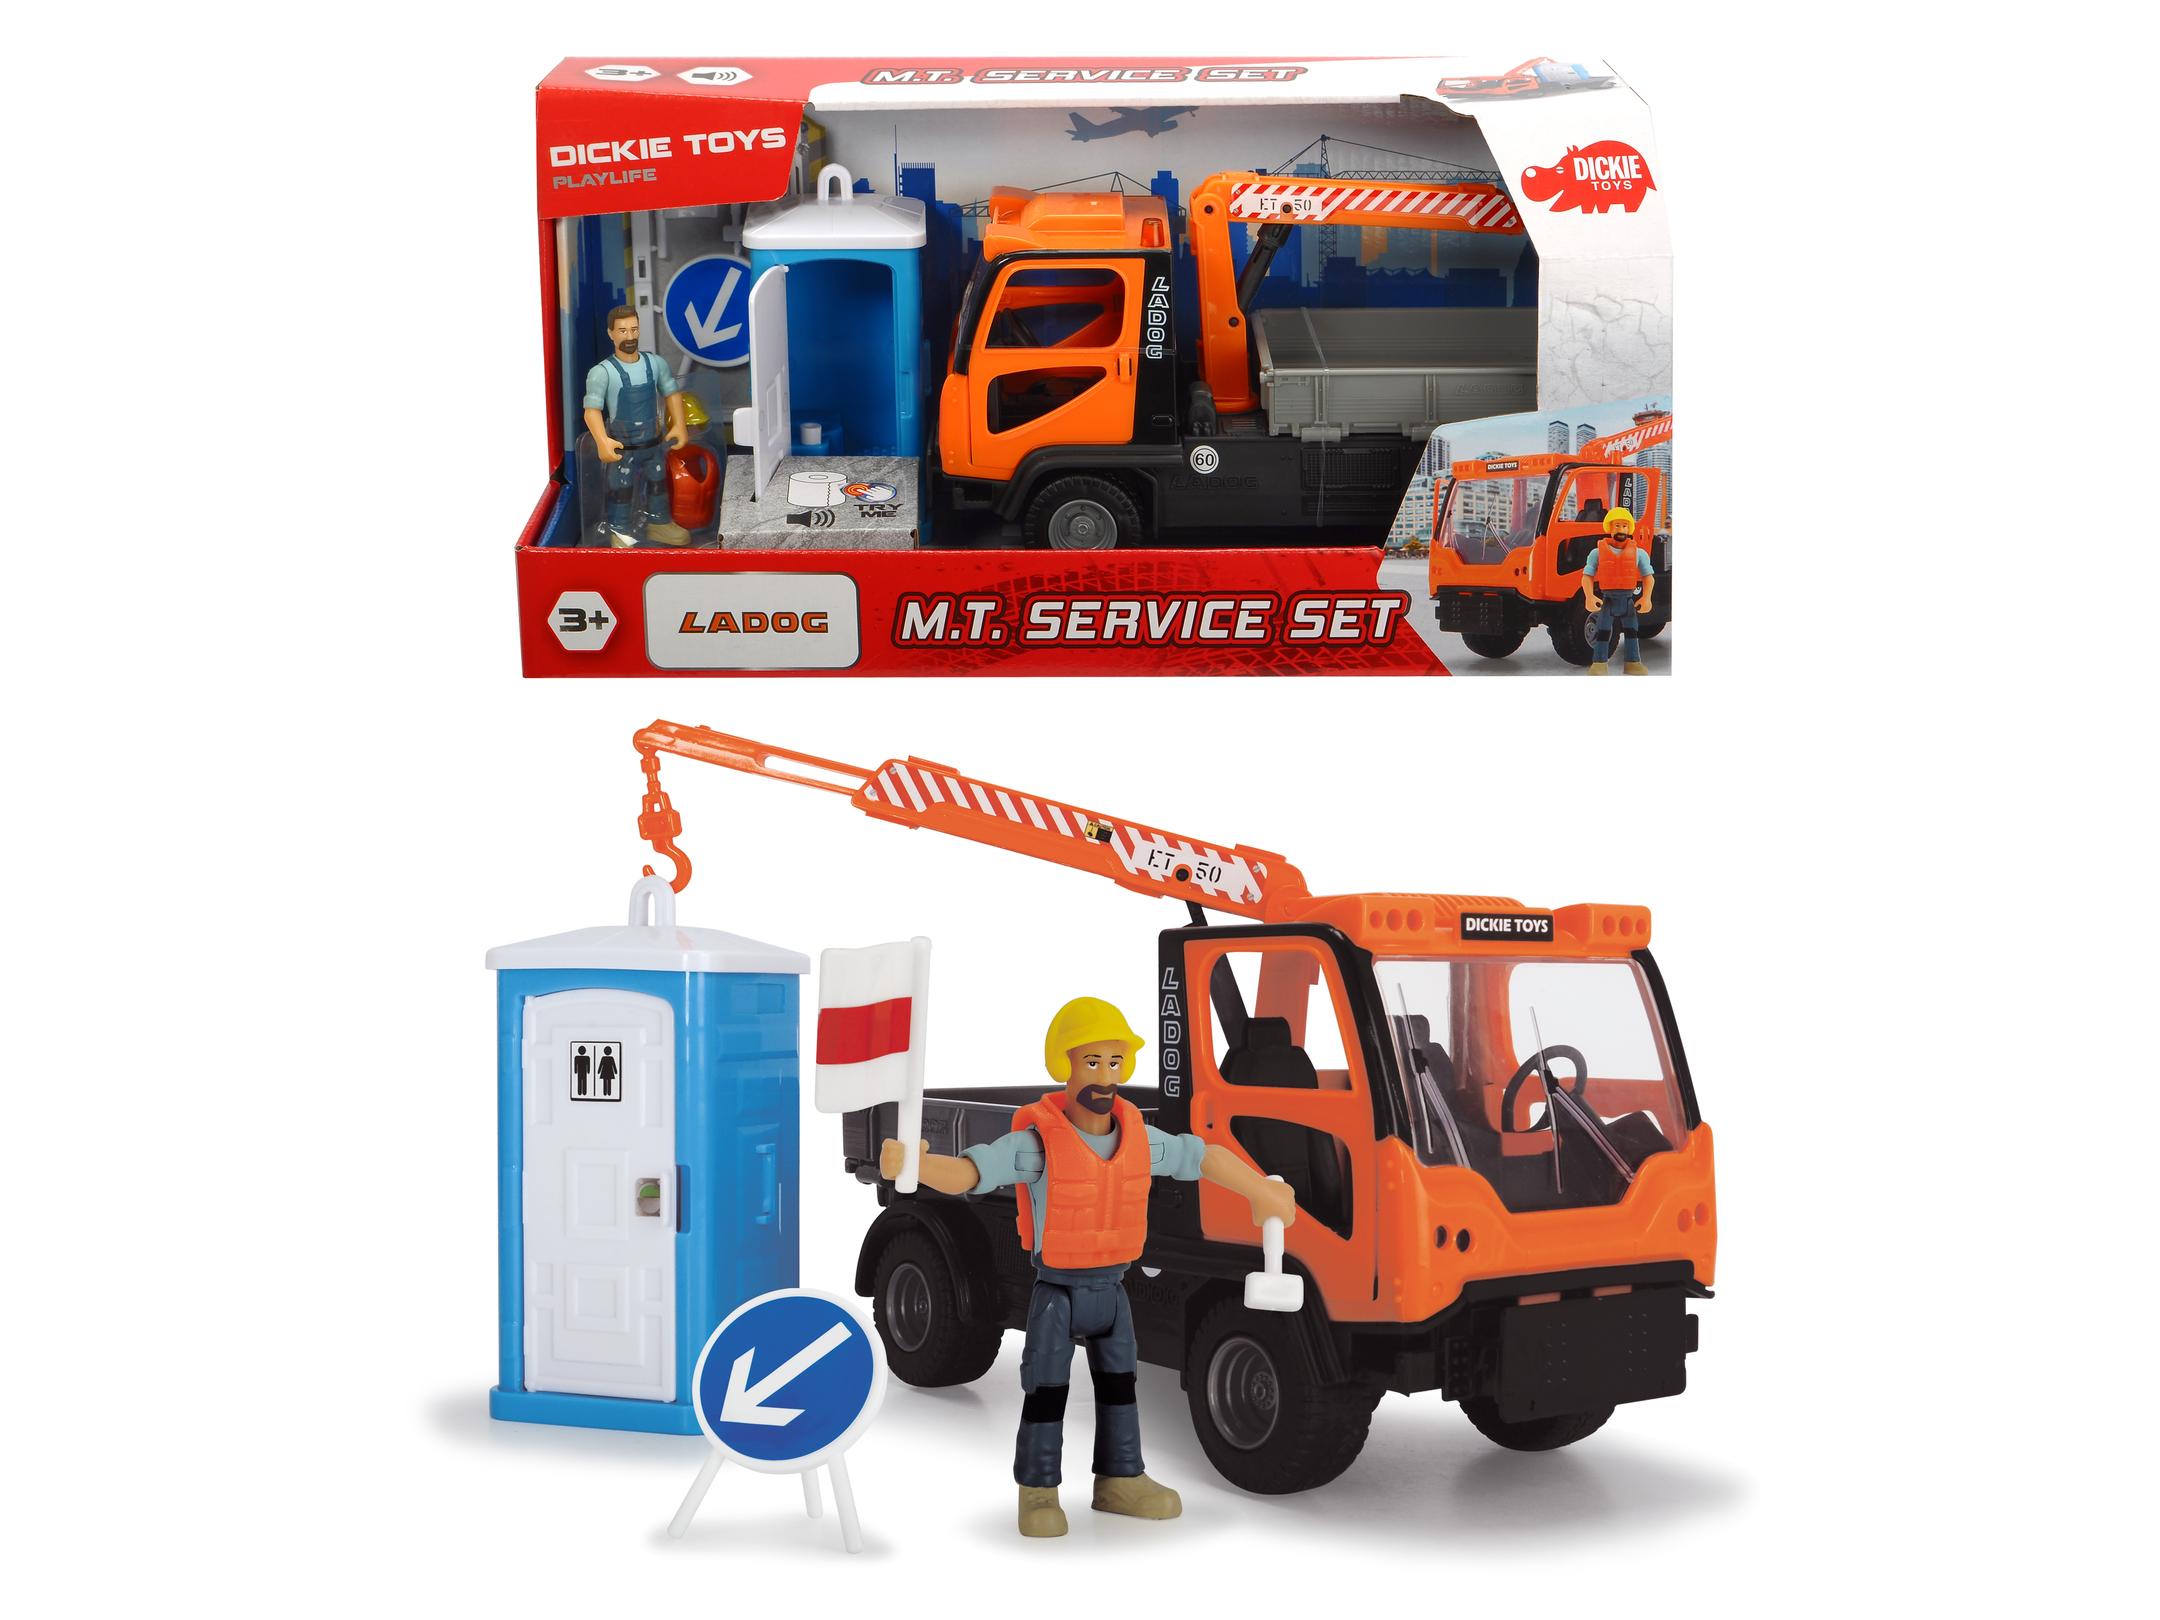 Купить Dickie Toys игровой набор Санитарный сервис 7 аксессуаров Playlife, 21.5 см, свет, звук, 3835005, Китай